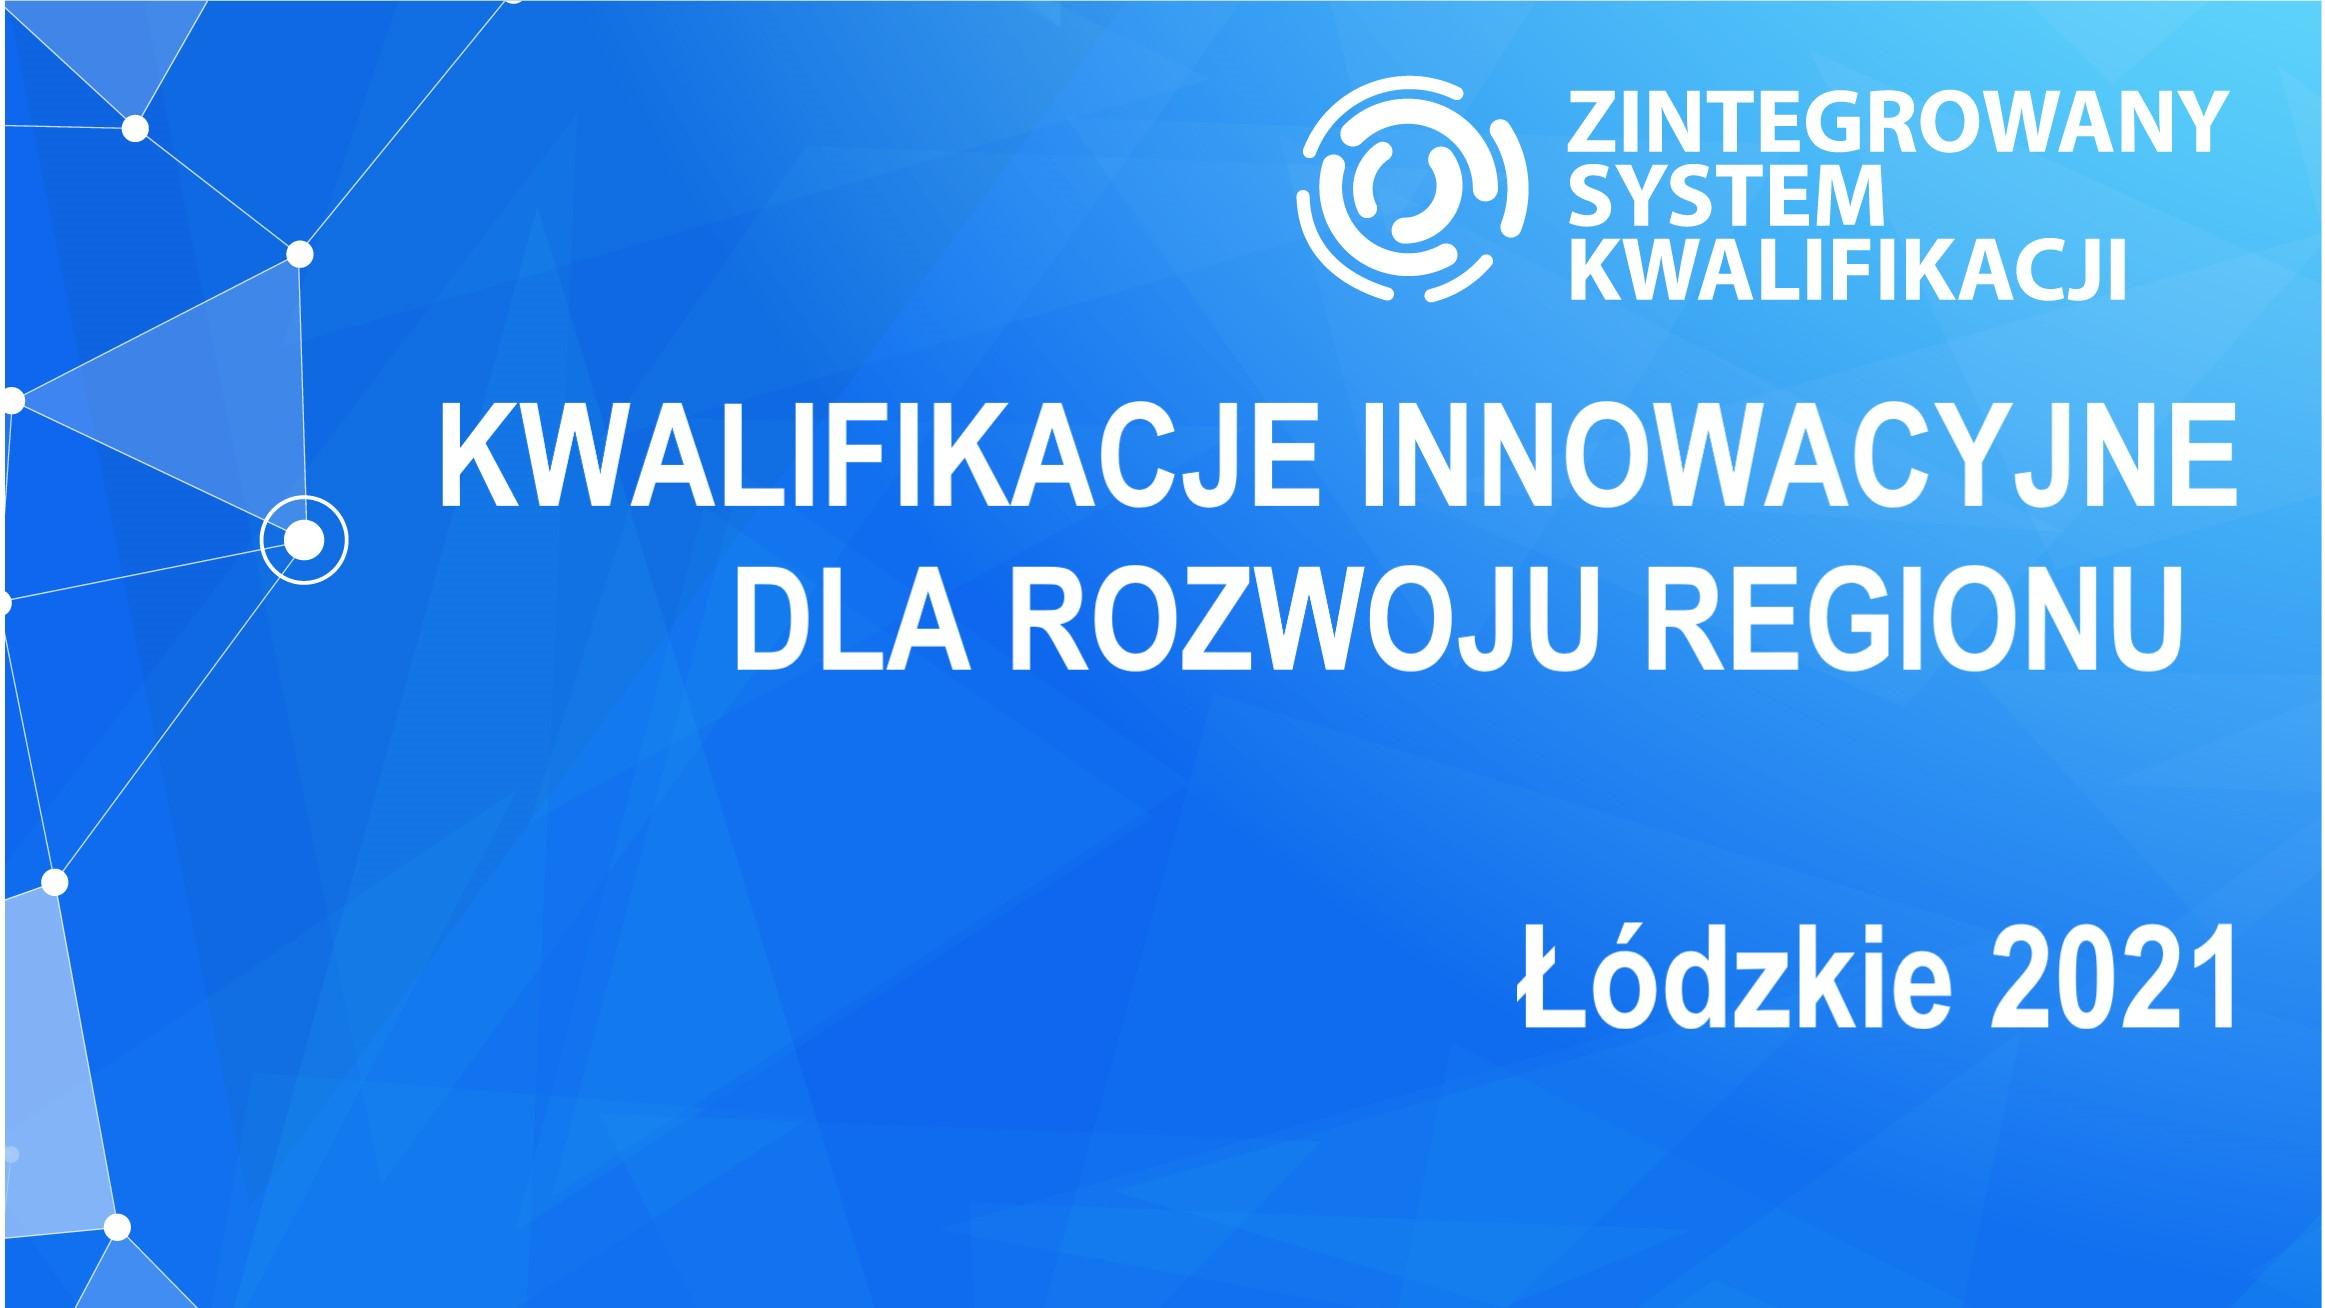 Kwalifikacje innowacyjne dla rozwoju regionu. Panel IBE otworzy XIV Europejskie Forum Gospodarcze – Łódzkie 2021